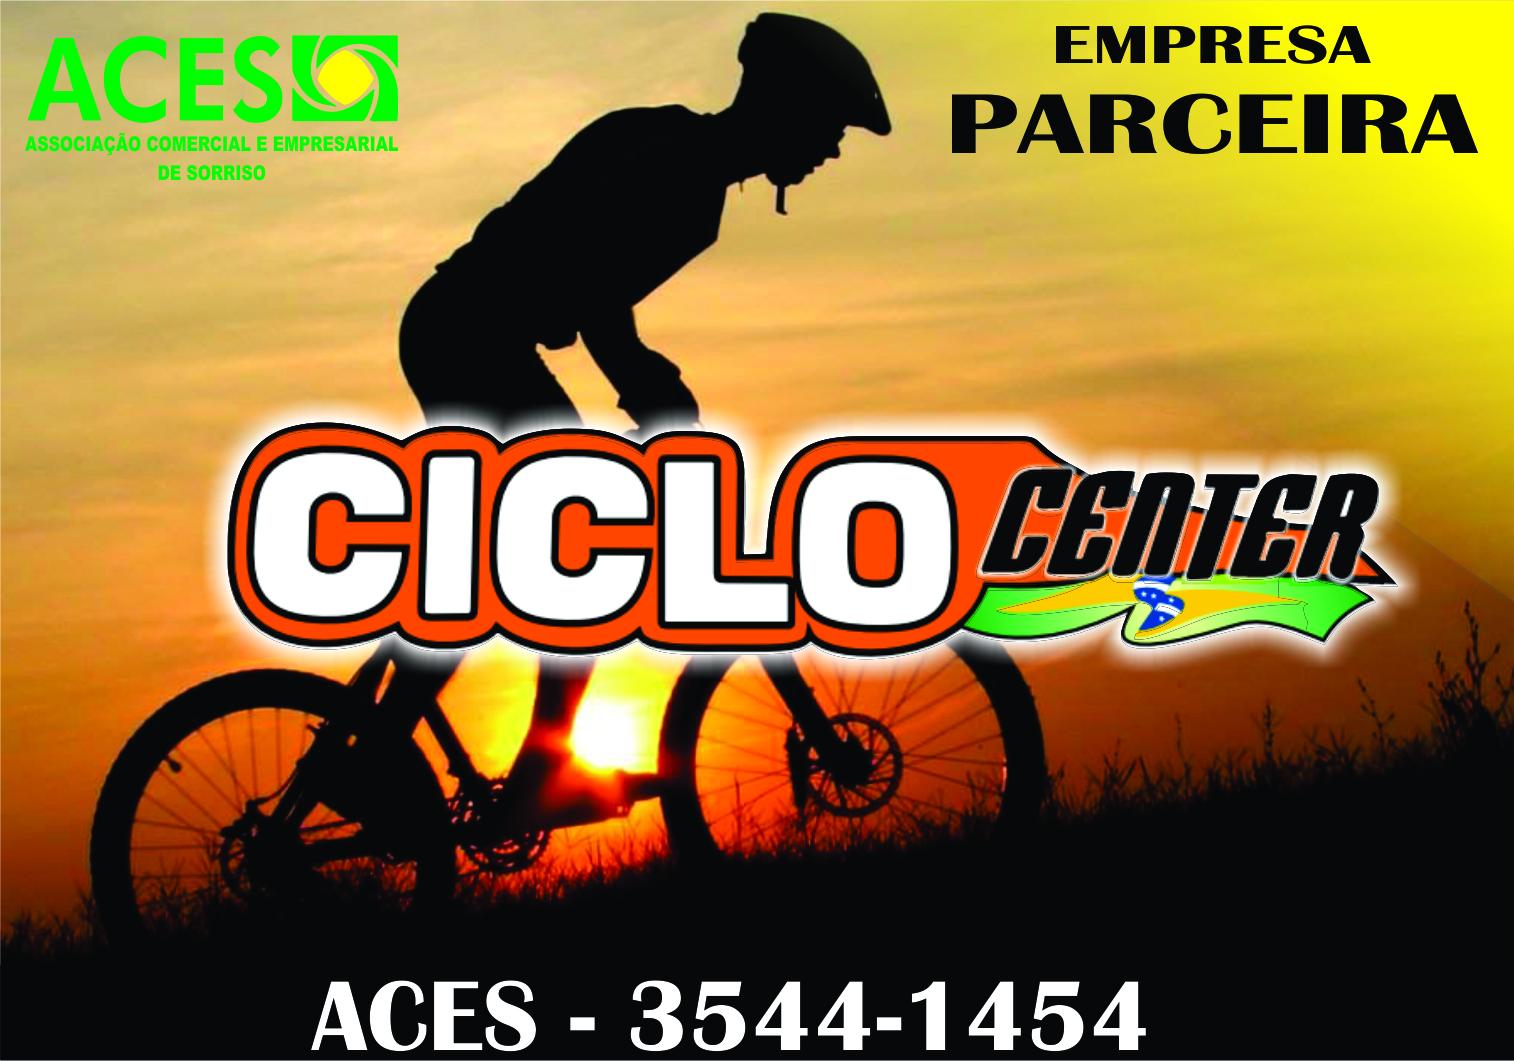 CICLO CENTER